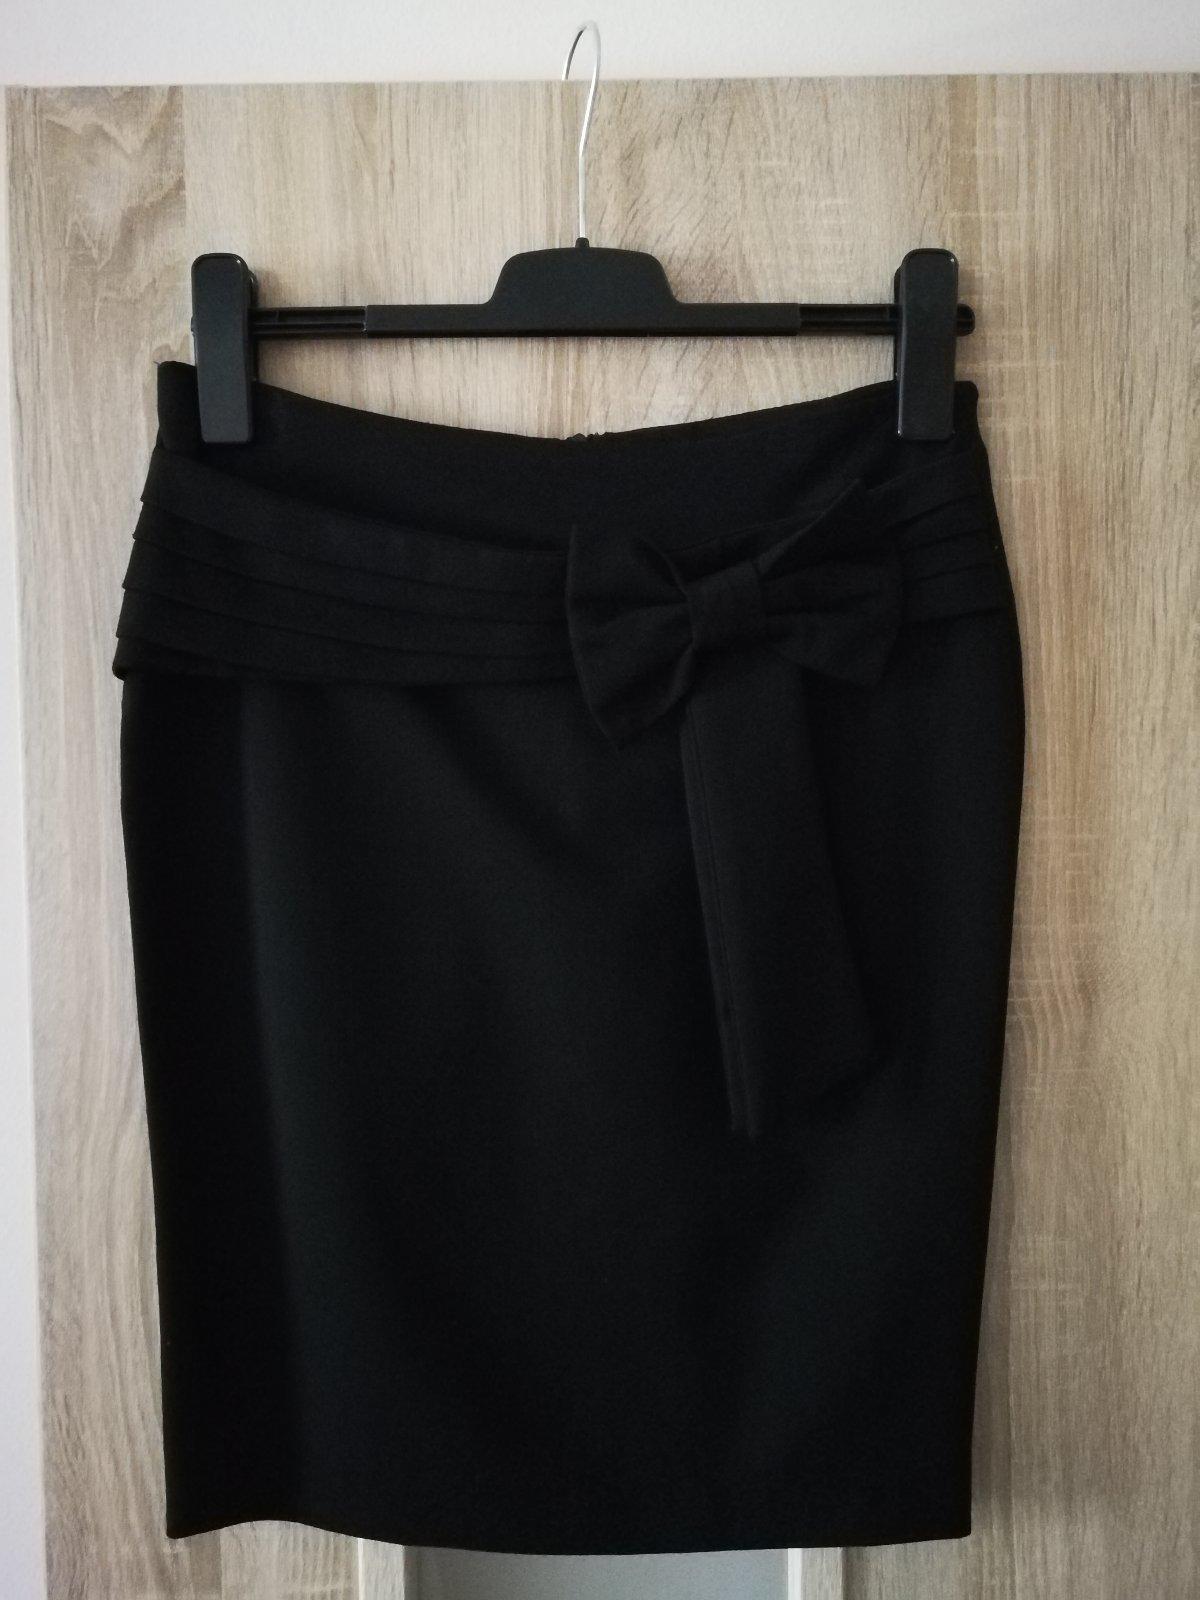 7e4f8d94d6d5 Krásna dámska sukňa s mašľou